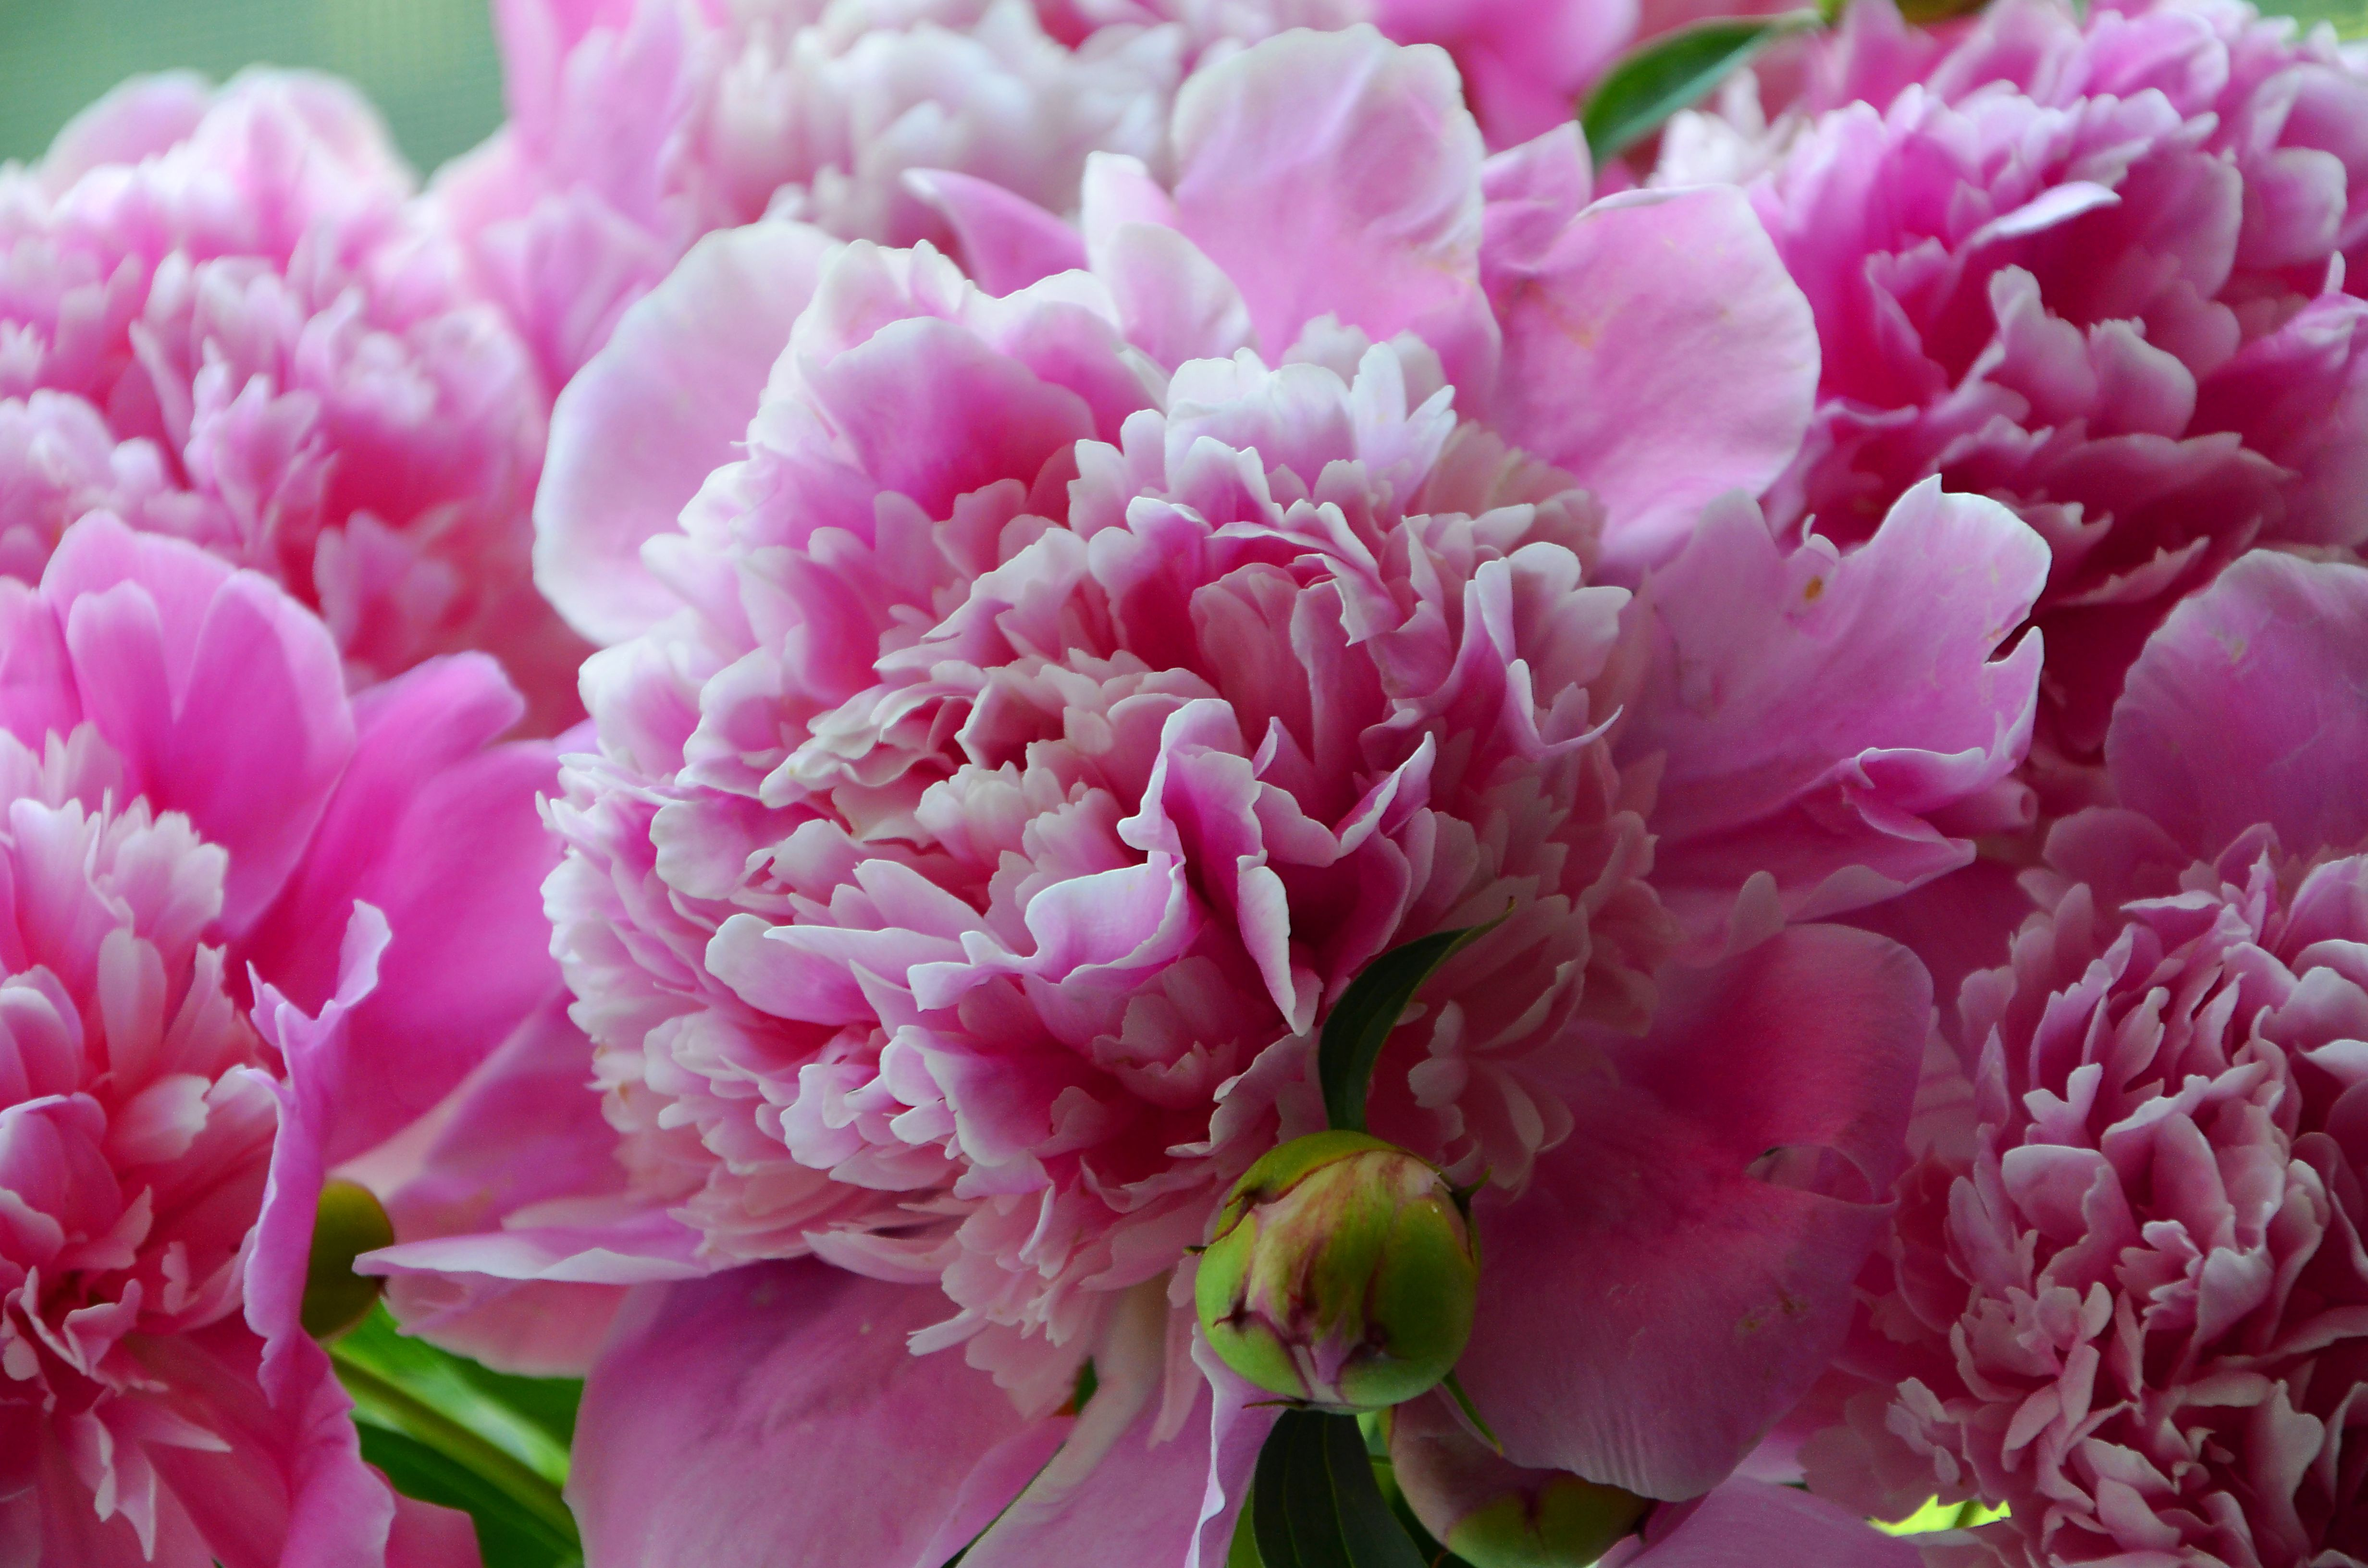 Работе прикольные, картинки цветов пионов обои